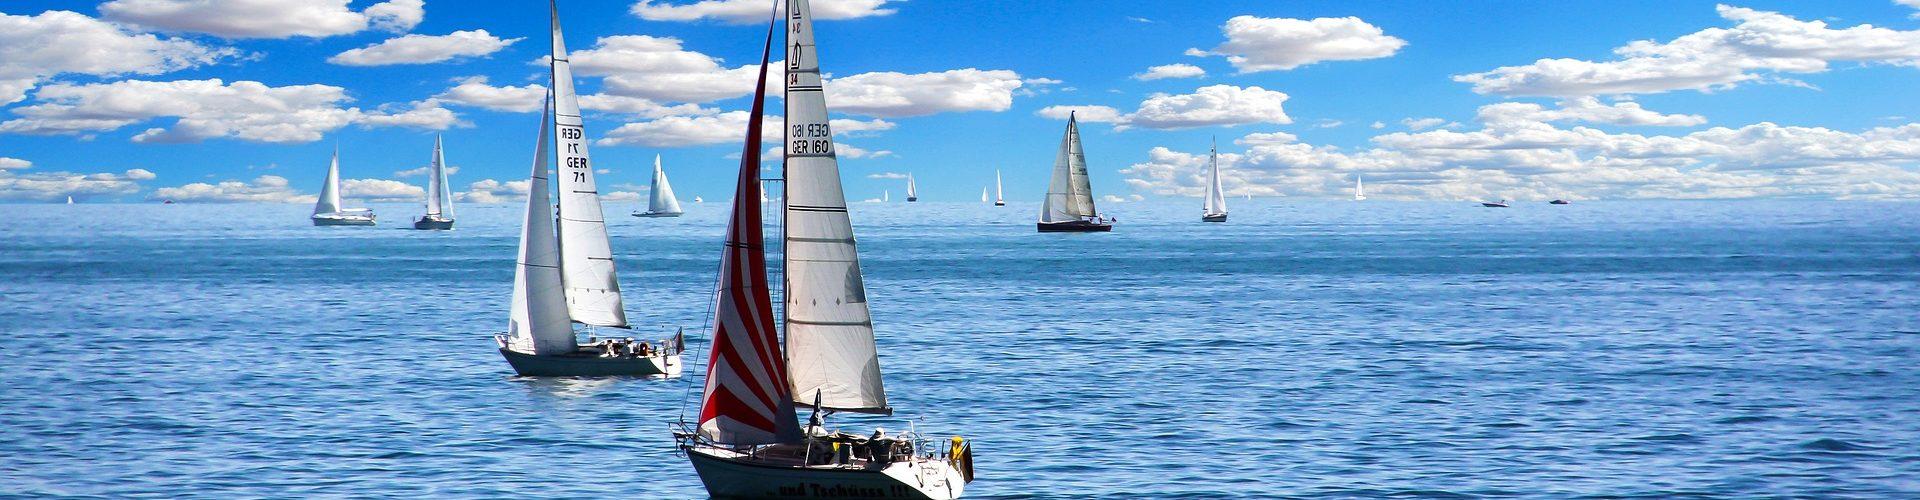 segeln lernen in Sietow segelschein machen in Sietow 1920x500 - Segeln lernen in Sietow